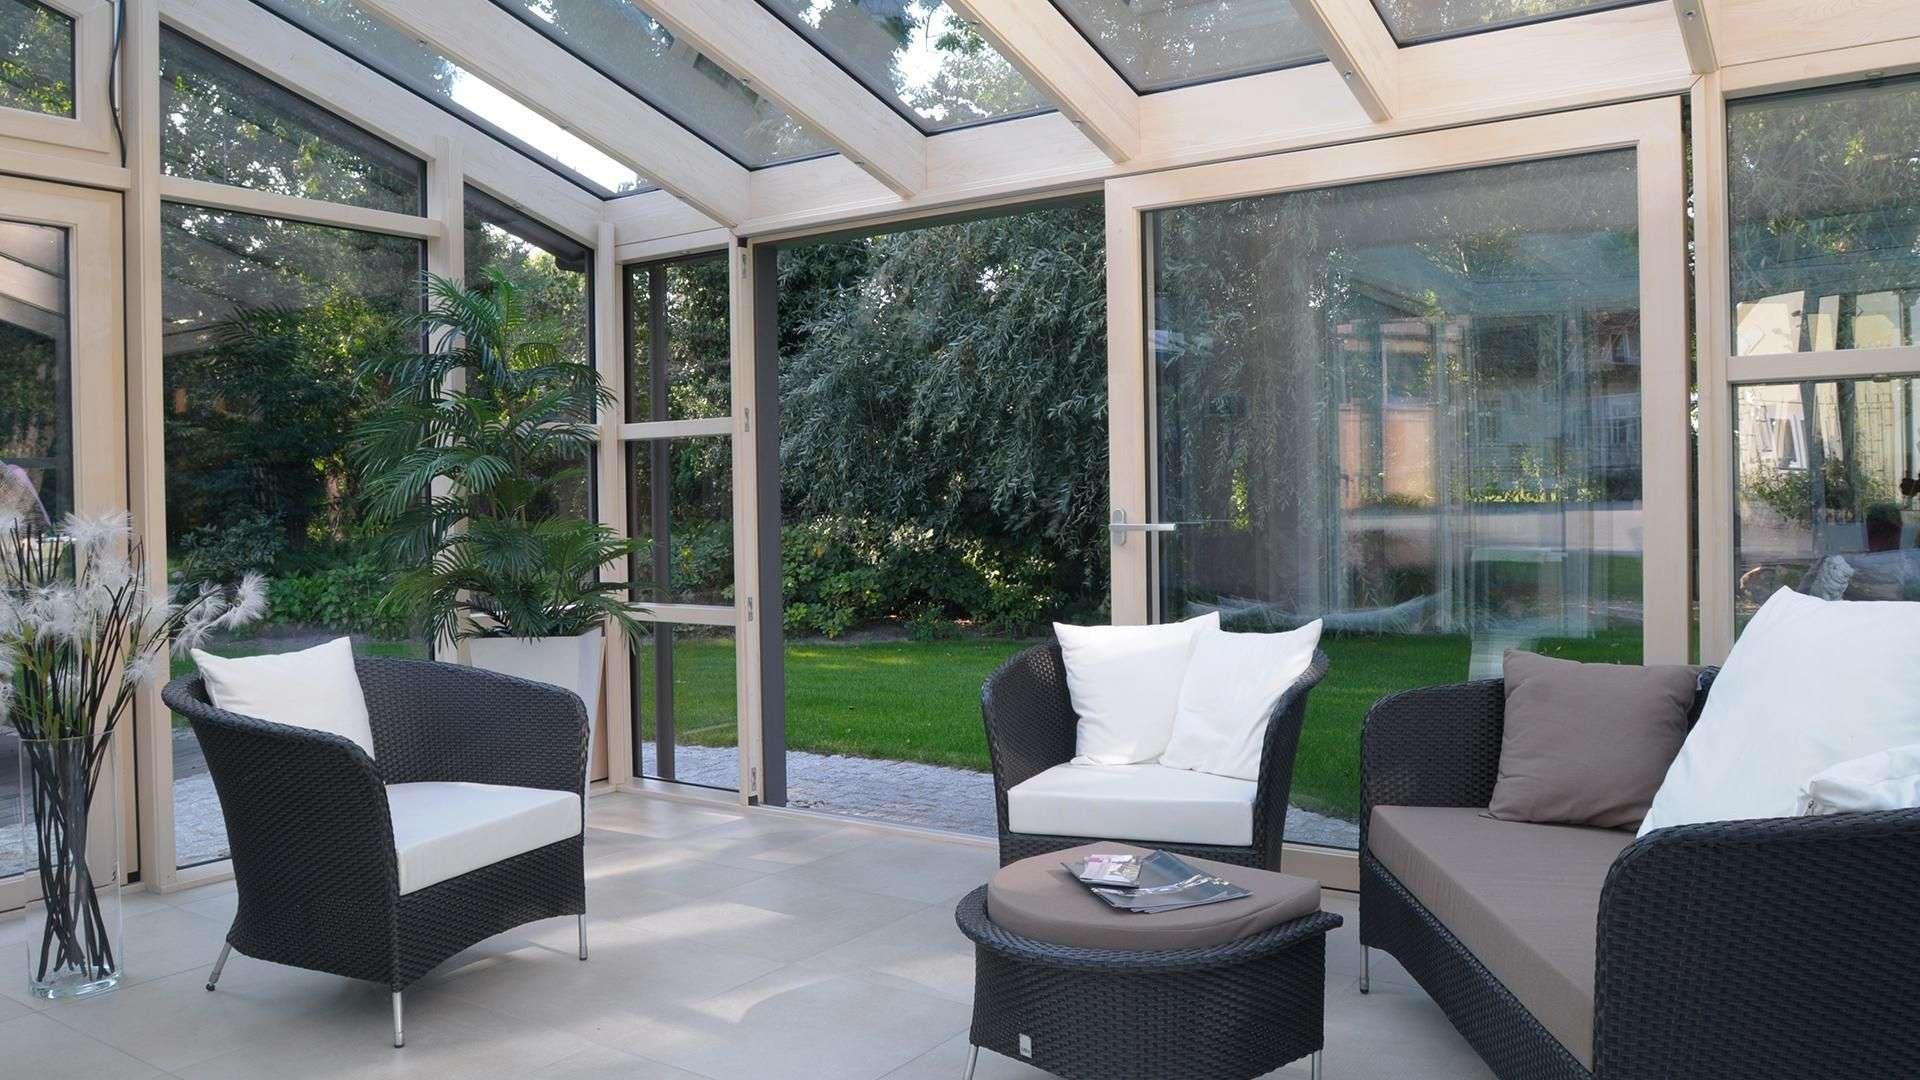 ideen f r winterg rten terrassen ausstellung von d rbusch. Black Bedroom Furniture Sets. Home Design Ideas